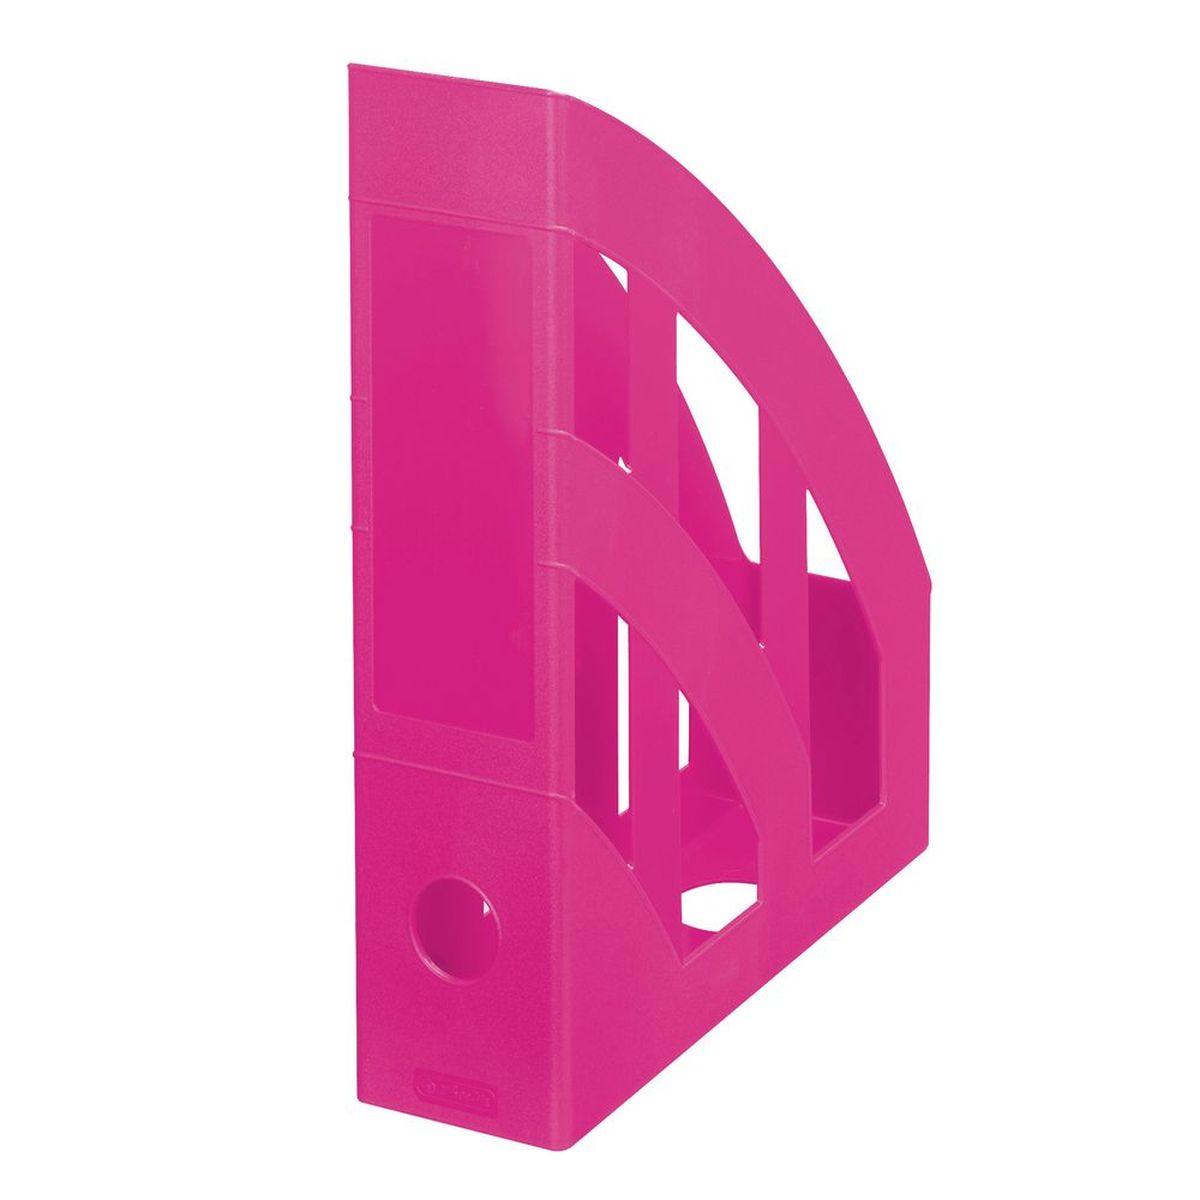 Herlitz Подставка для документов Classic цвет розовый11363728Практичная подставка для бумаги формата А4 Herlitz всегда поможет вам избавиться от лишних документов и содержать порядок на рабочем столе. Она изготовлена из пластика и имеет круглый слот на задней стенке, находится всегда в вертикальном положении, тем самым обеспечивая надежную фиксацию различных документов.Подставка для документов значительно облегчает делопроизводство. Яркий дизайн позволит ей стать достойным аксессуаром среди ваших канцелярских принадлежностей и будет дарить вам хорошее настроение.